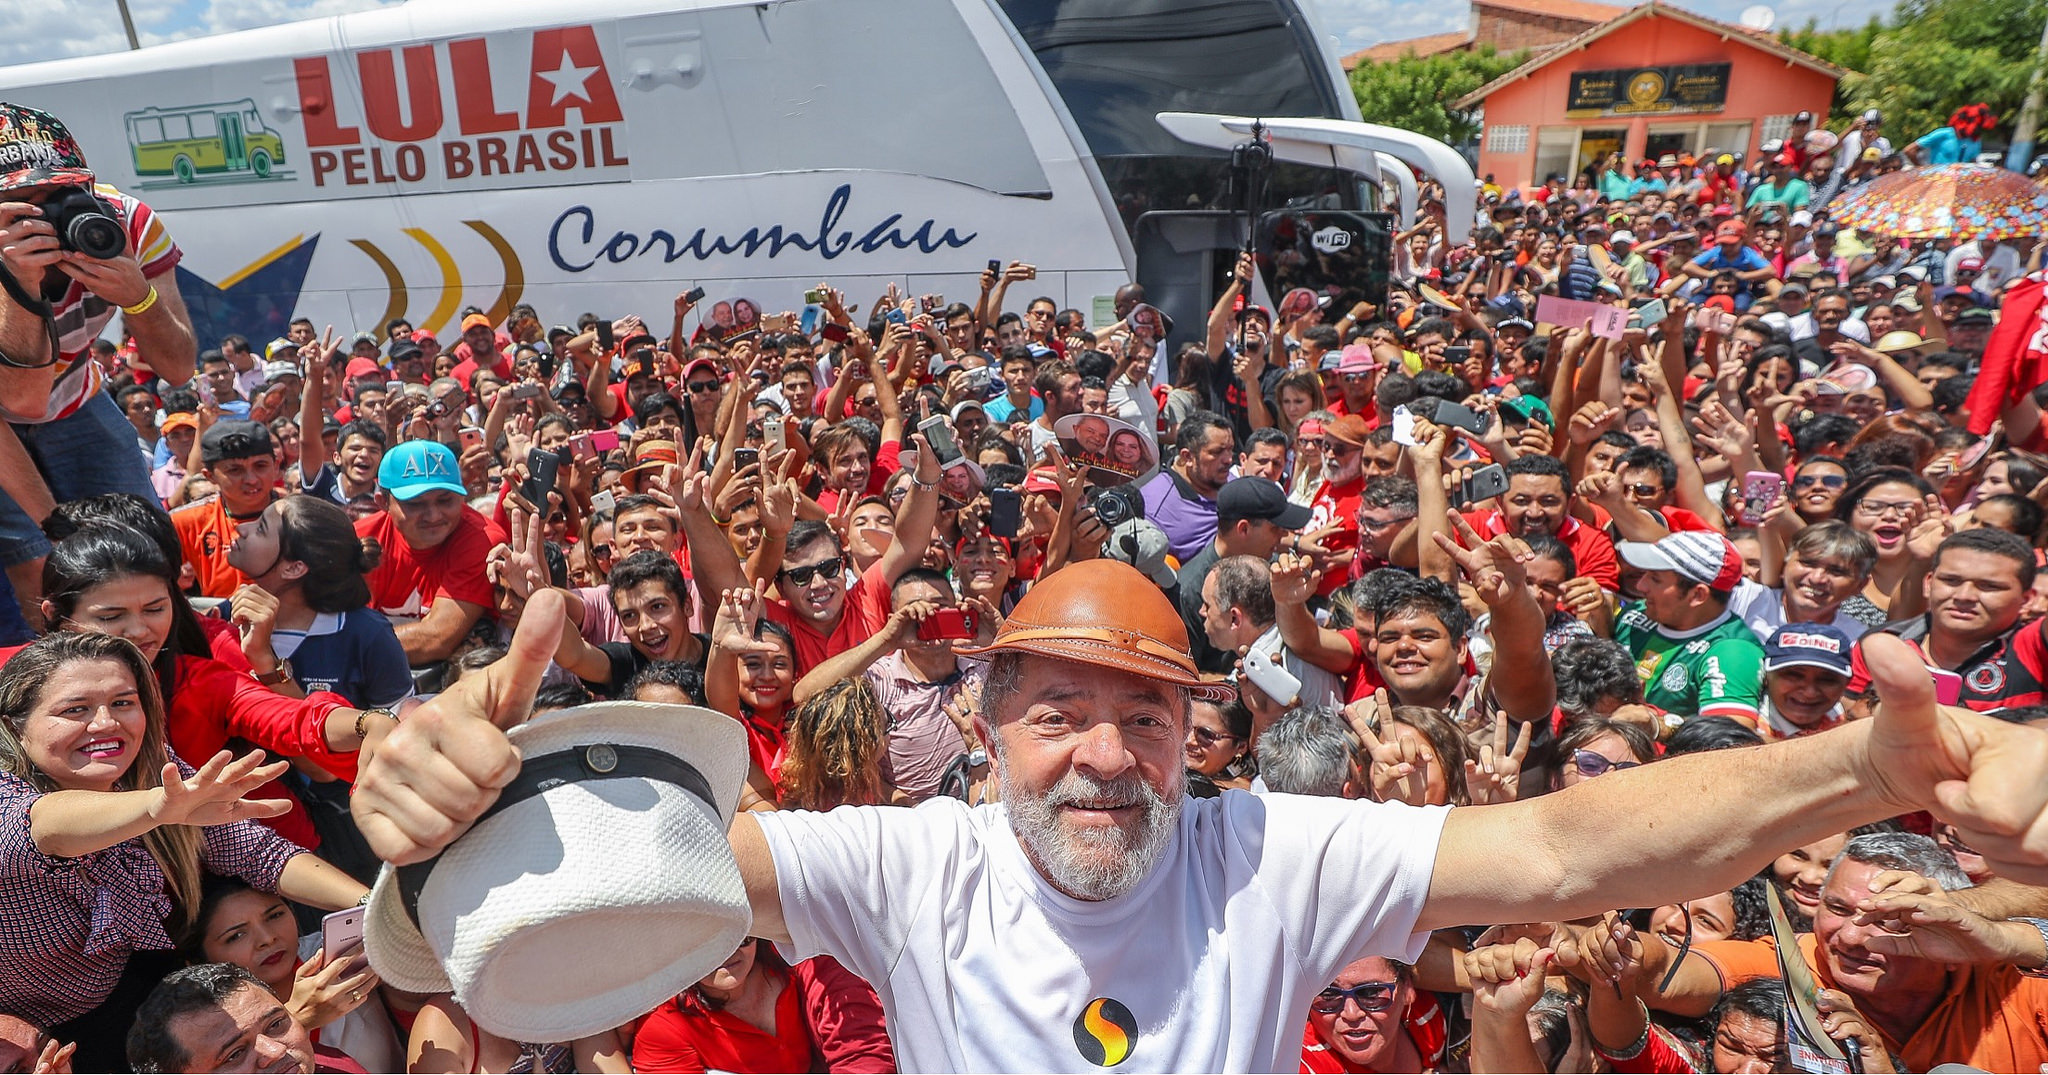 Resultado de imagem para pelo brasil Lula